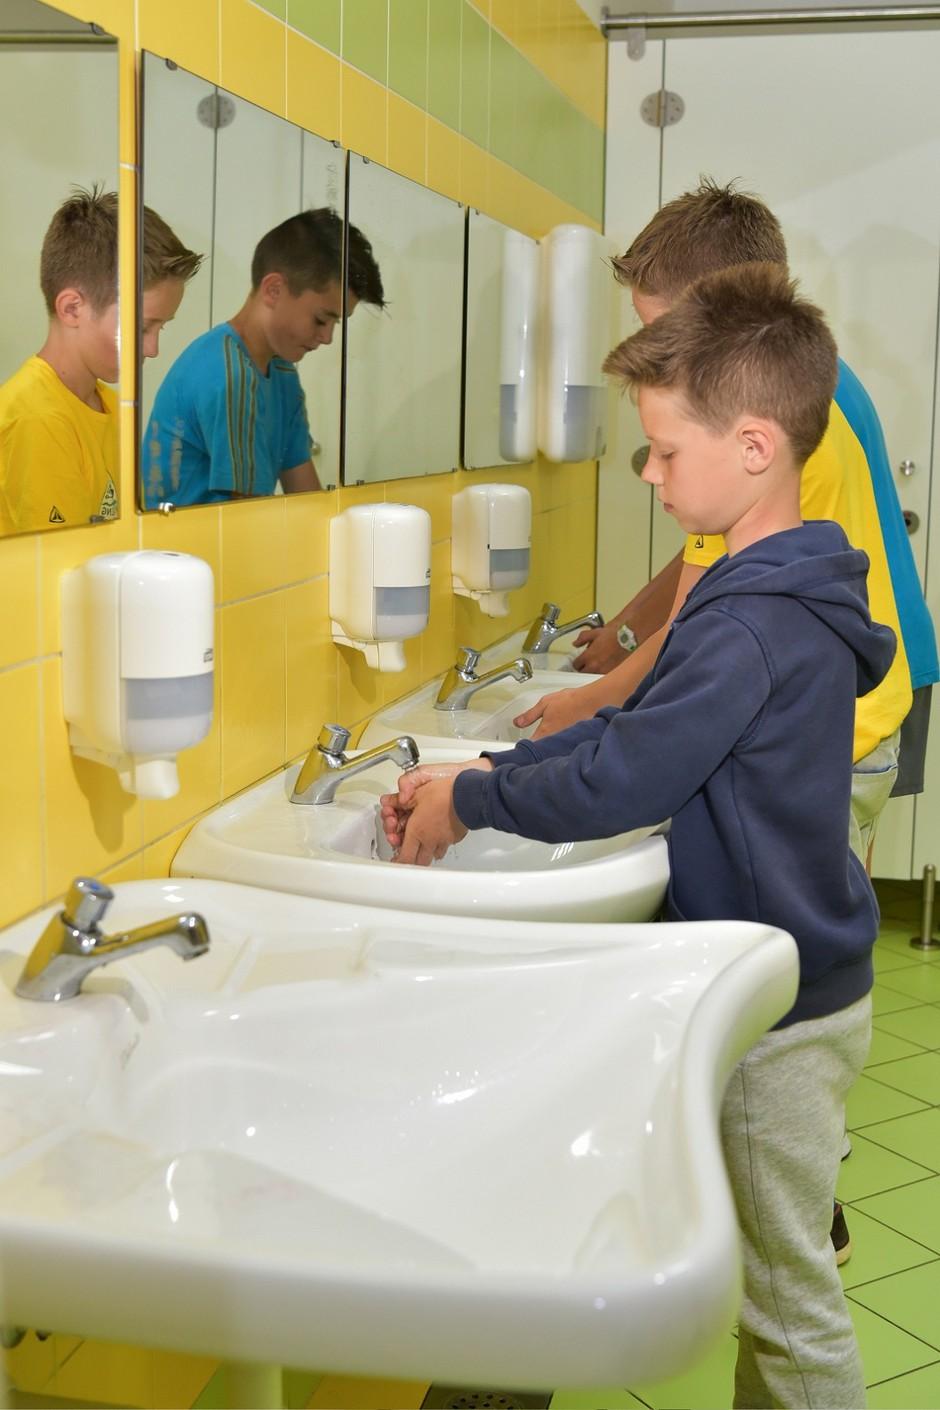 Otroci si zaradi ledeno mrzle vode roke umivajo redkeje in bolj površno (foto: Robert Krumpak)